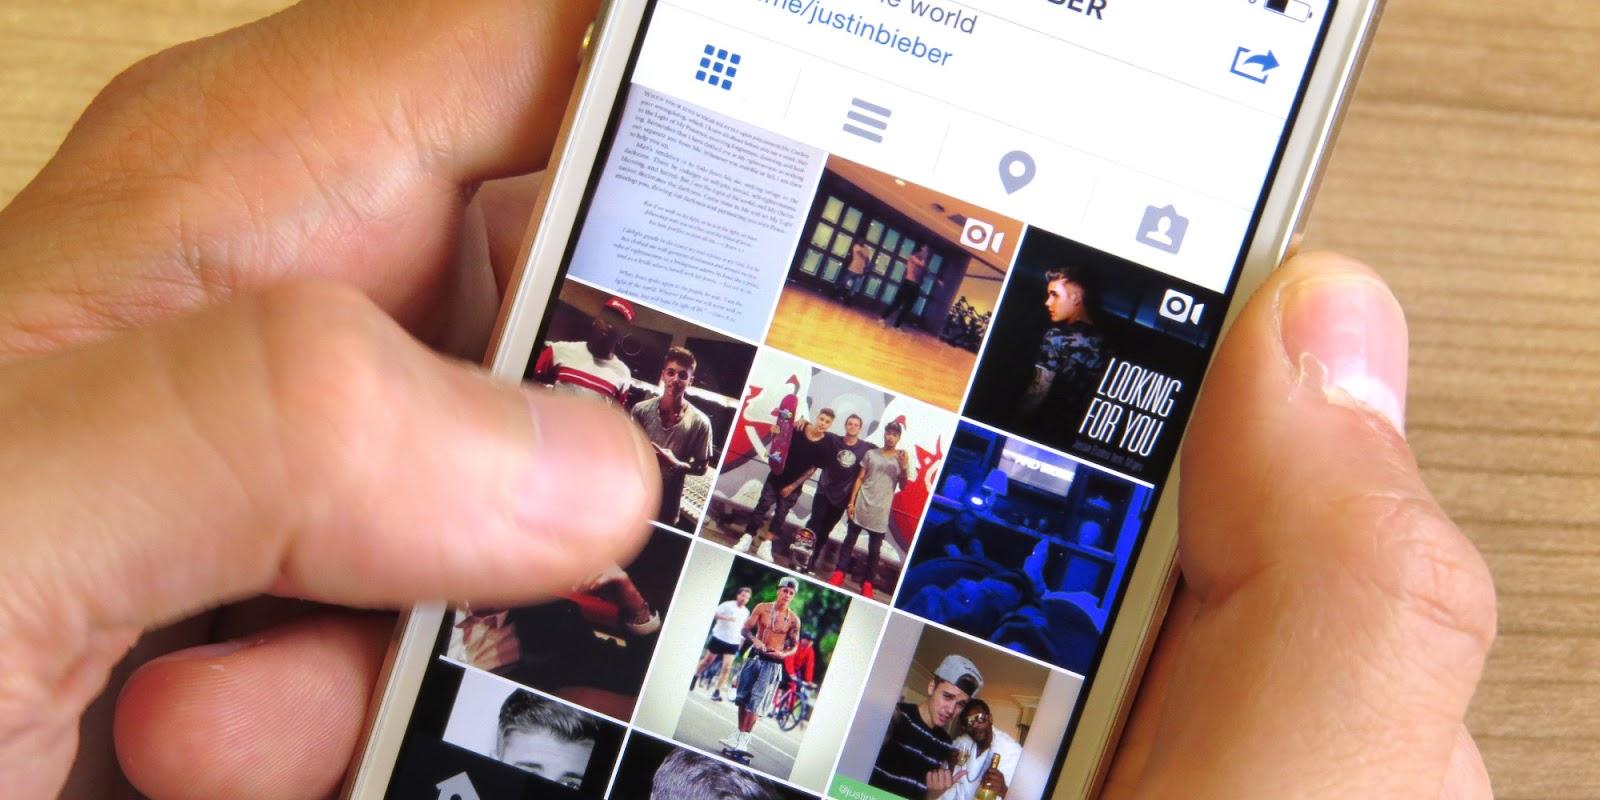 Instagram – The best platform for marketing